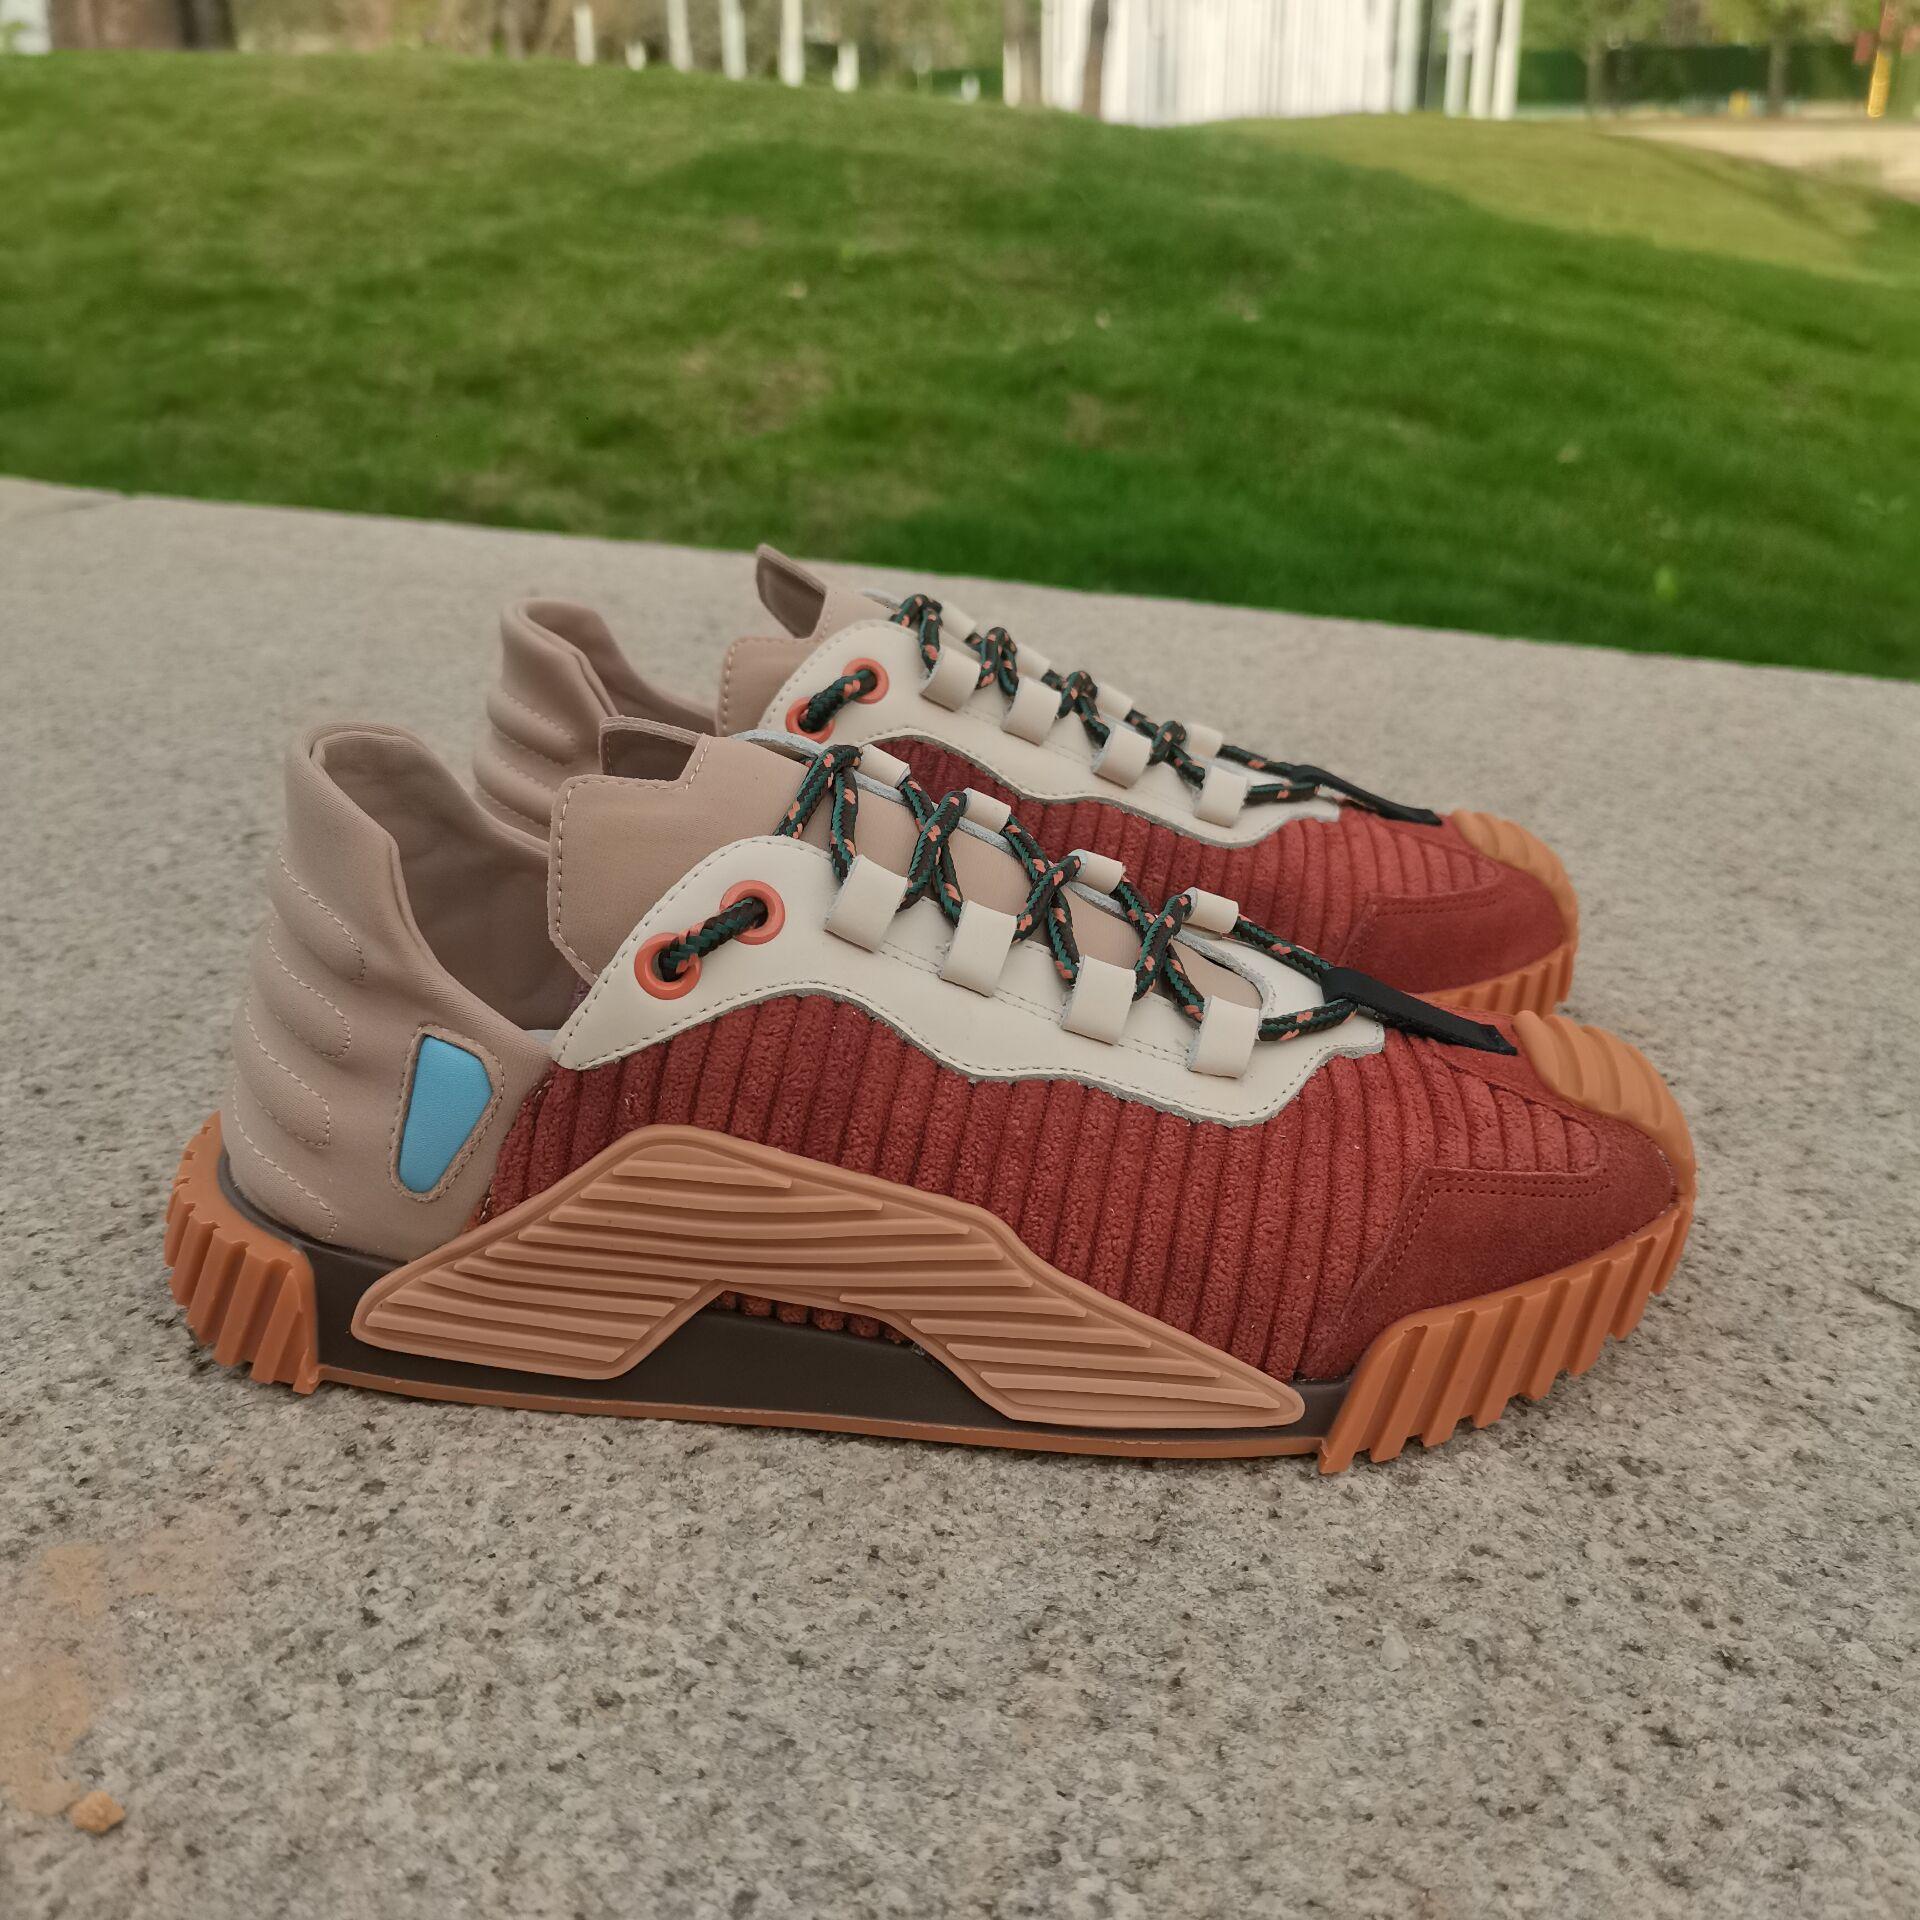 المرأة أحذية رياضية أحذية فاخرة المتسكعون الشقق أحذية امرأة غير رسمية تنفس أحذية من الجلد الحقيقي الرياضة الإناث 41 موضة 10us